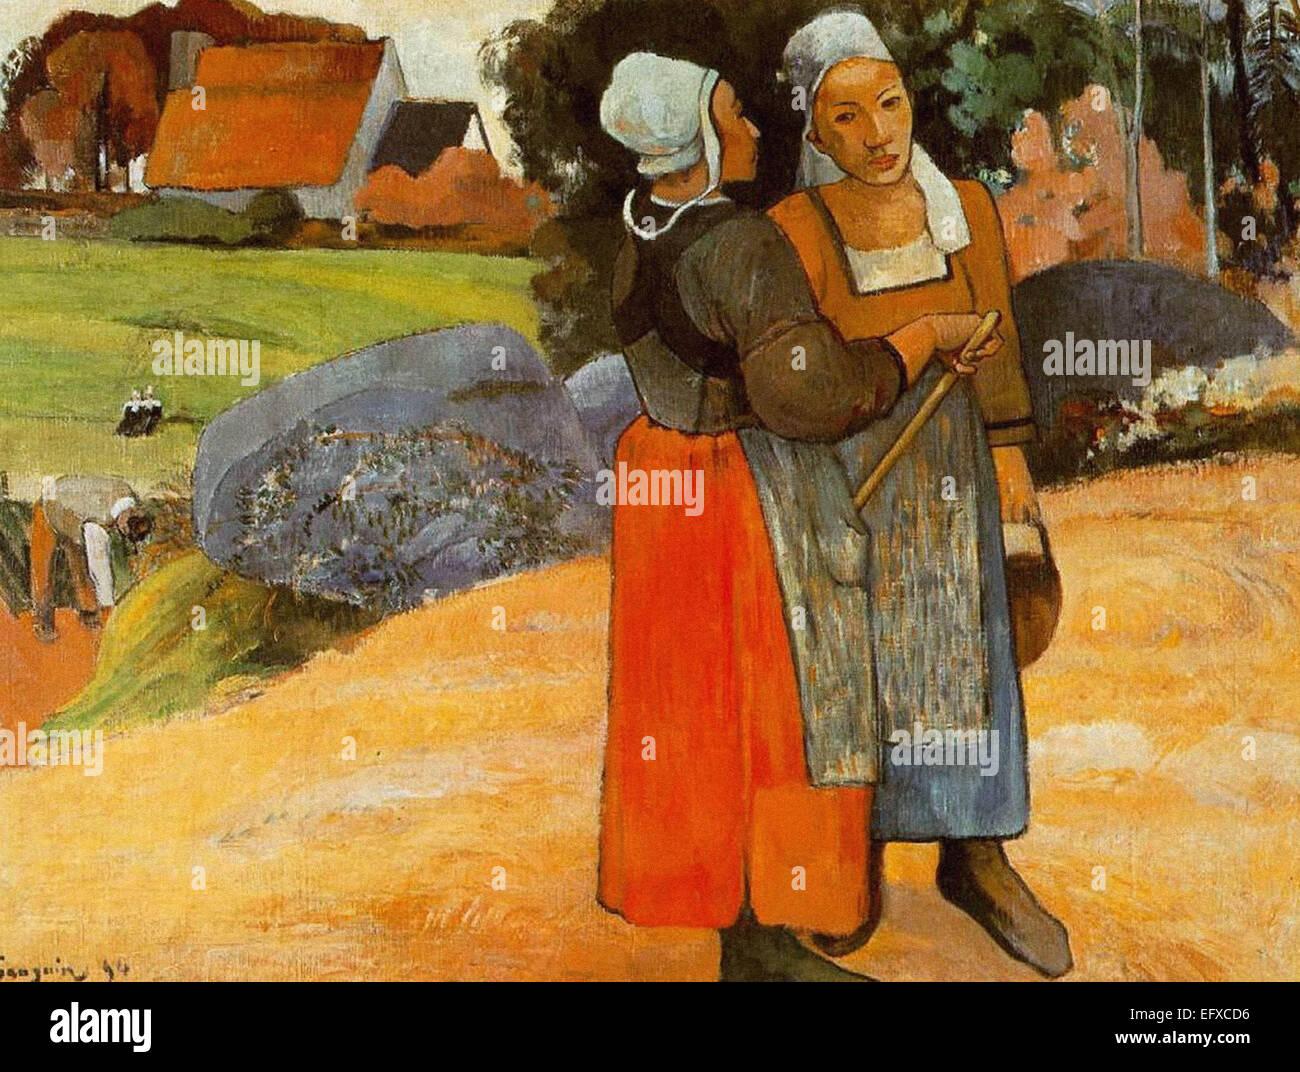 Paul Gauguin  Breton Peasant Women - Stock Image